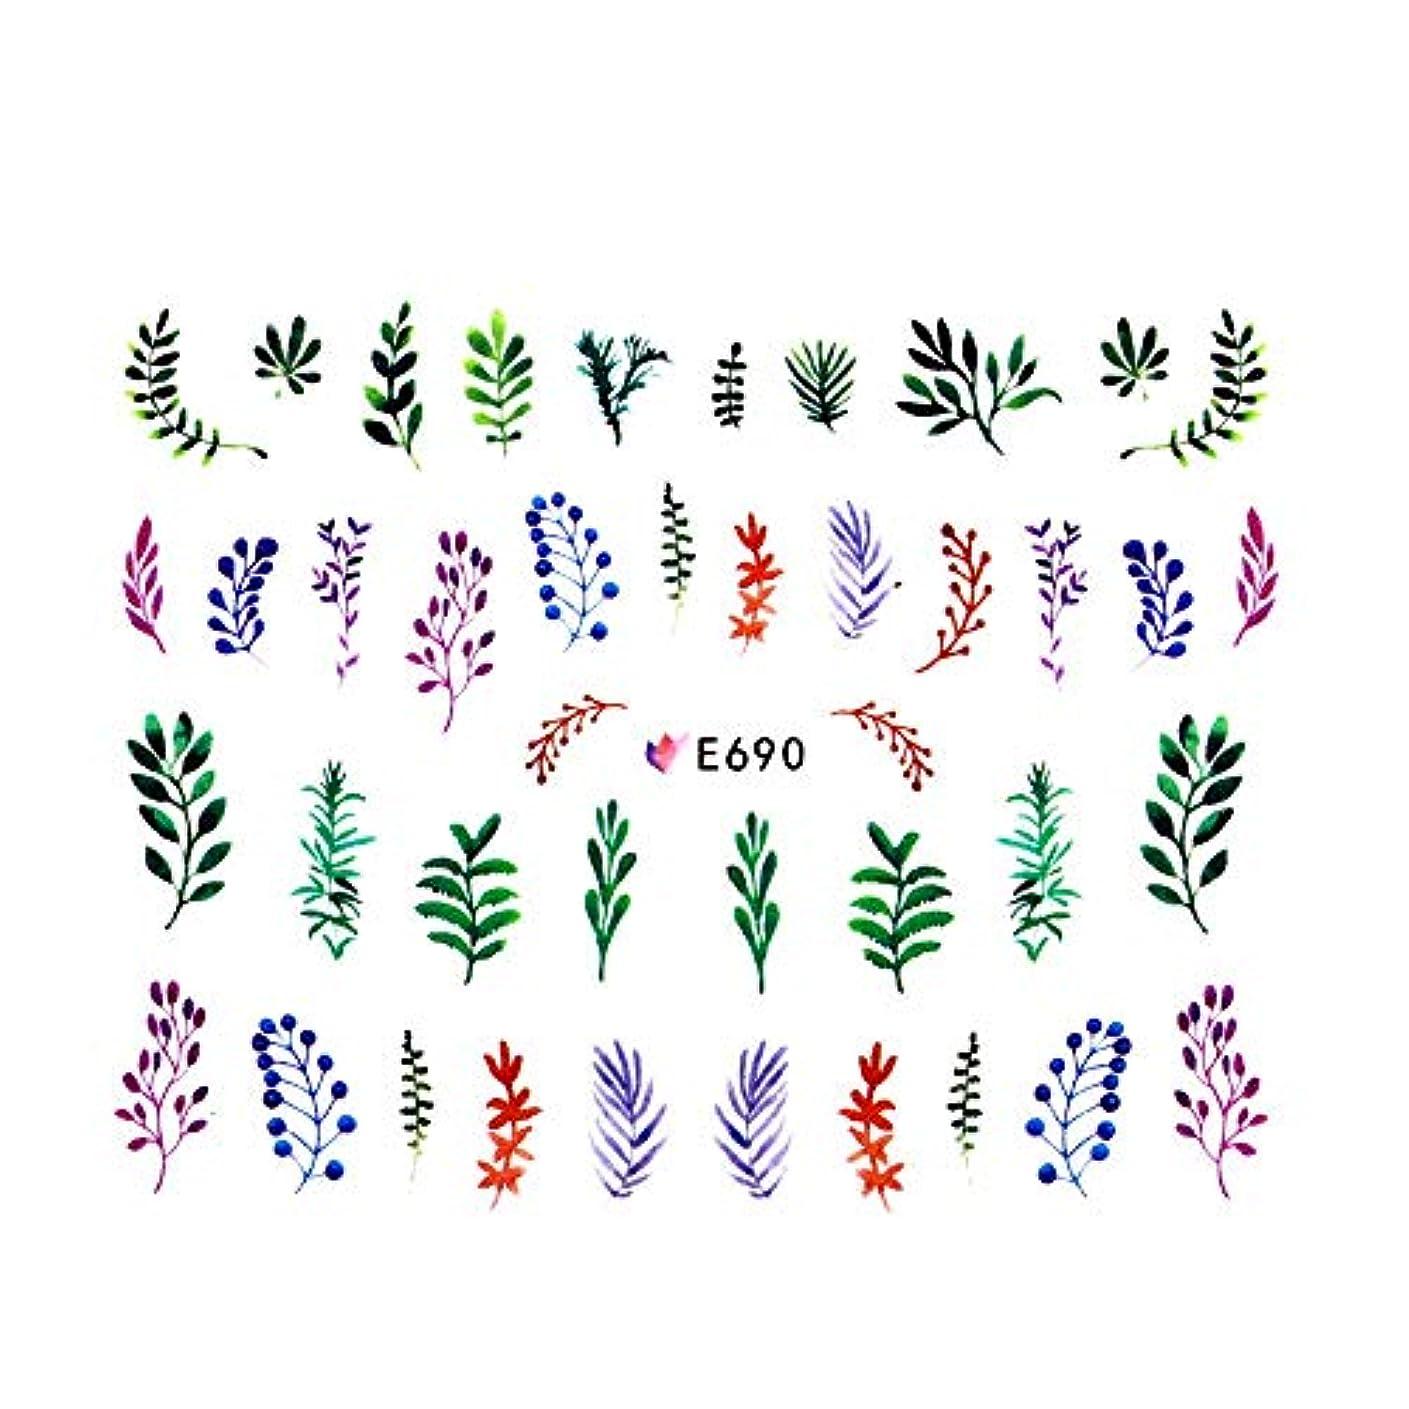 平らにするおなかがすいた同化irogel イロジェル ネイルシール 北欧風ボタニカルシール【E690】草花 フラワー 植物 草 葉